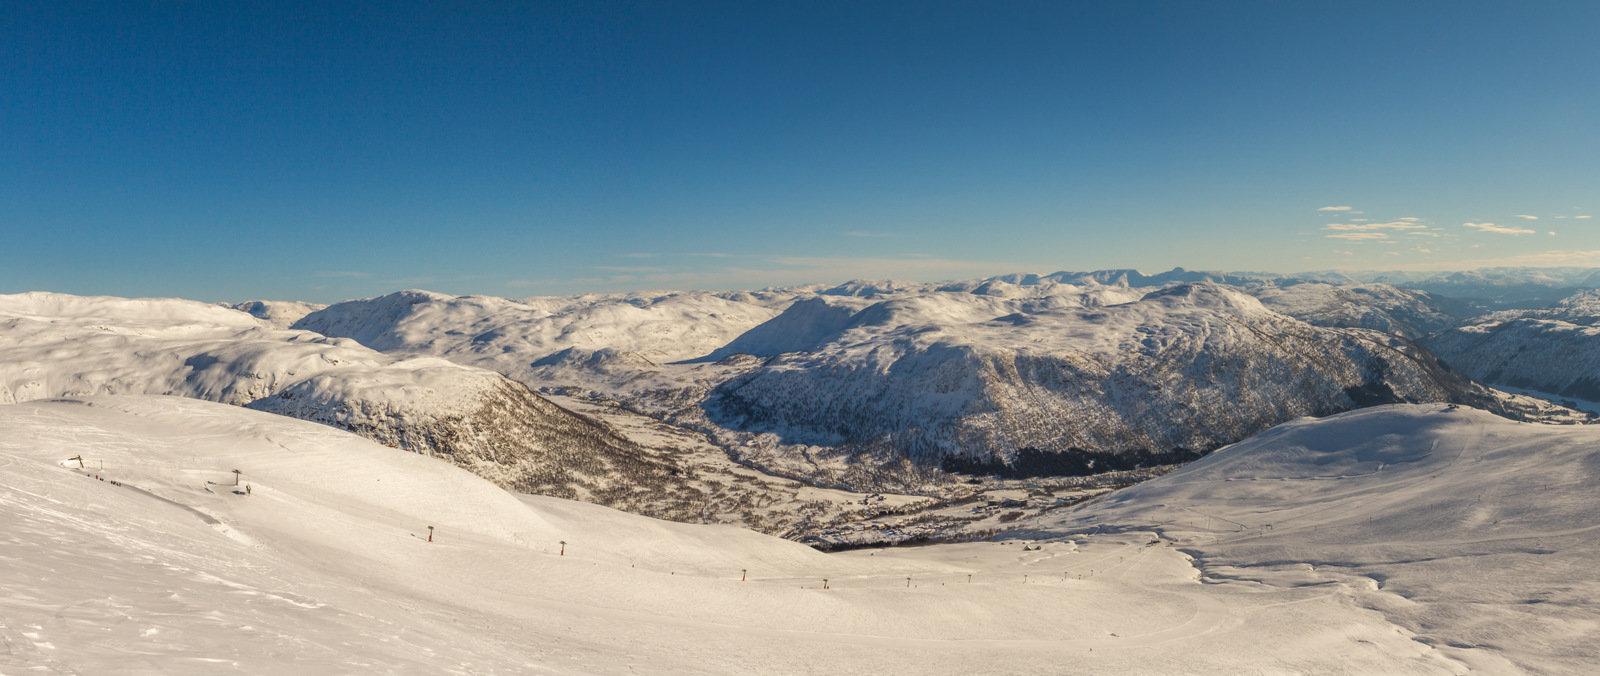 Vinterferien er over og det er langt roligere stemning i Myrkdalen. Forholdene er veldig gode og det måler nå to meter snø på toppen av anlegget. - ©Jan Petter Svendal